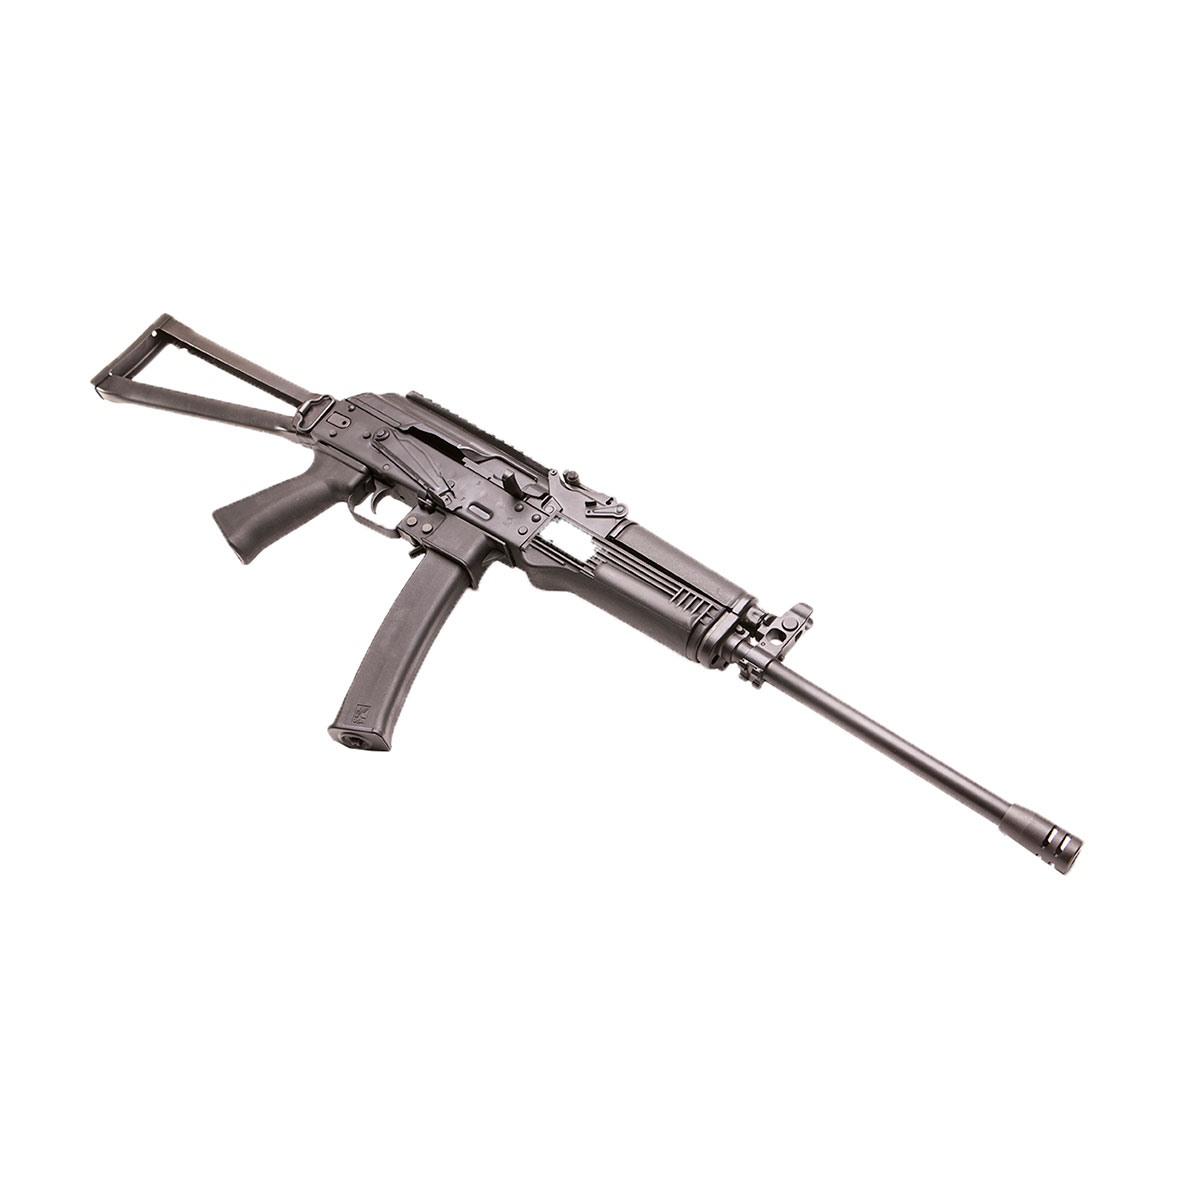 Kalashnikov Usa Kr 9 9mm 16 25